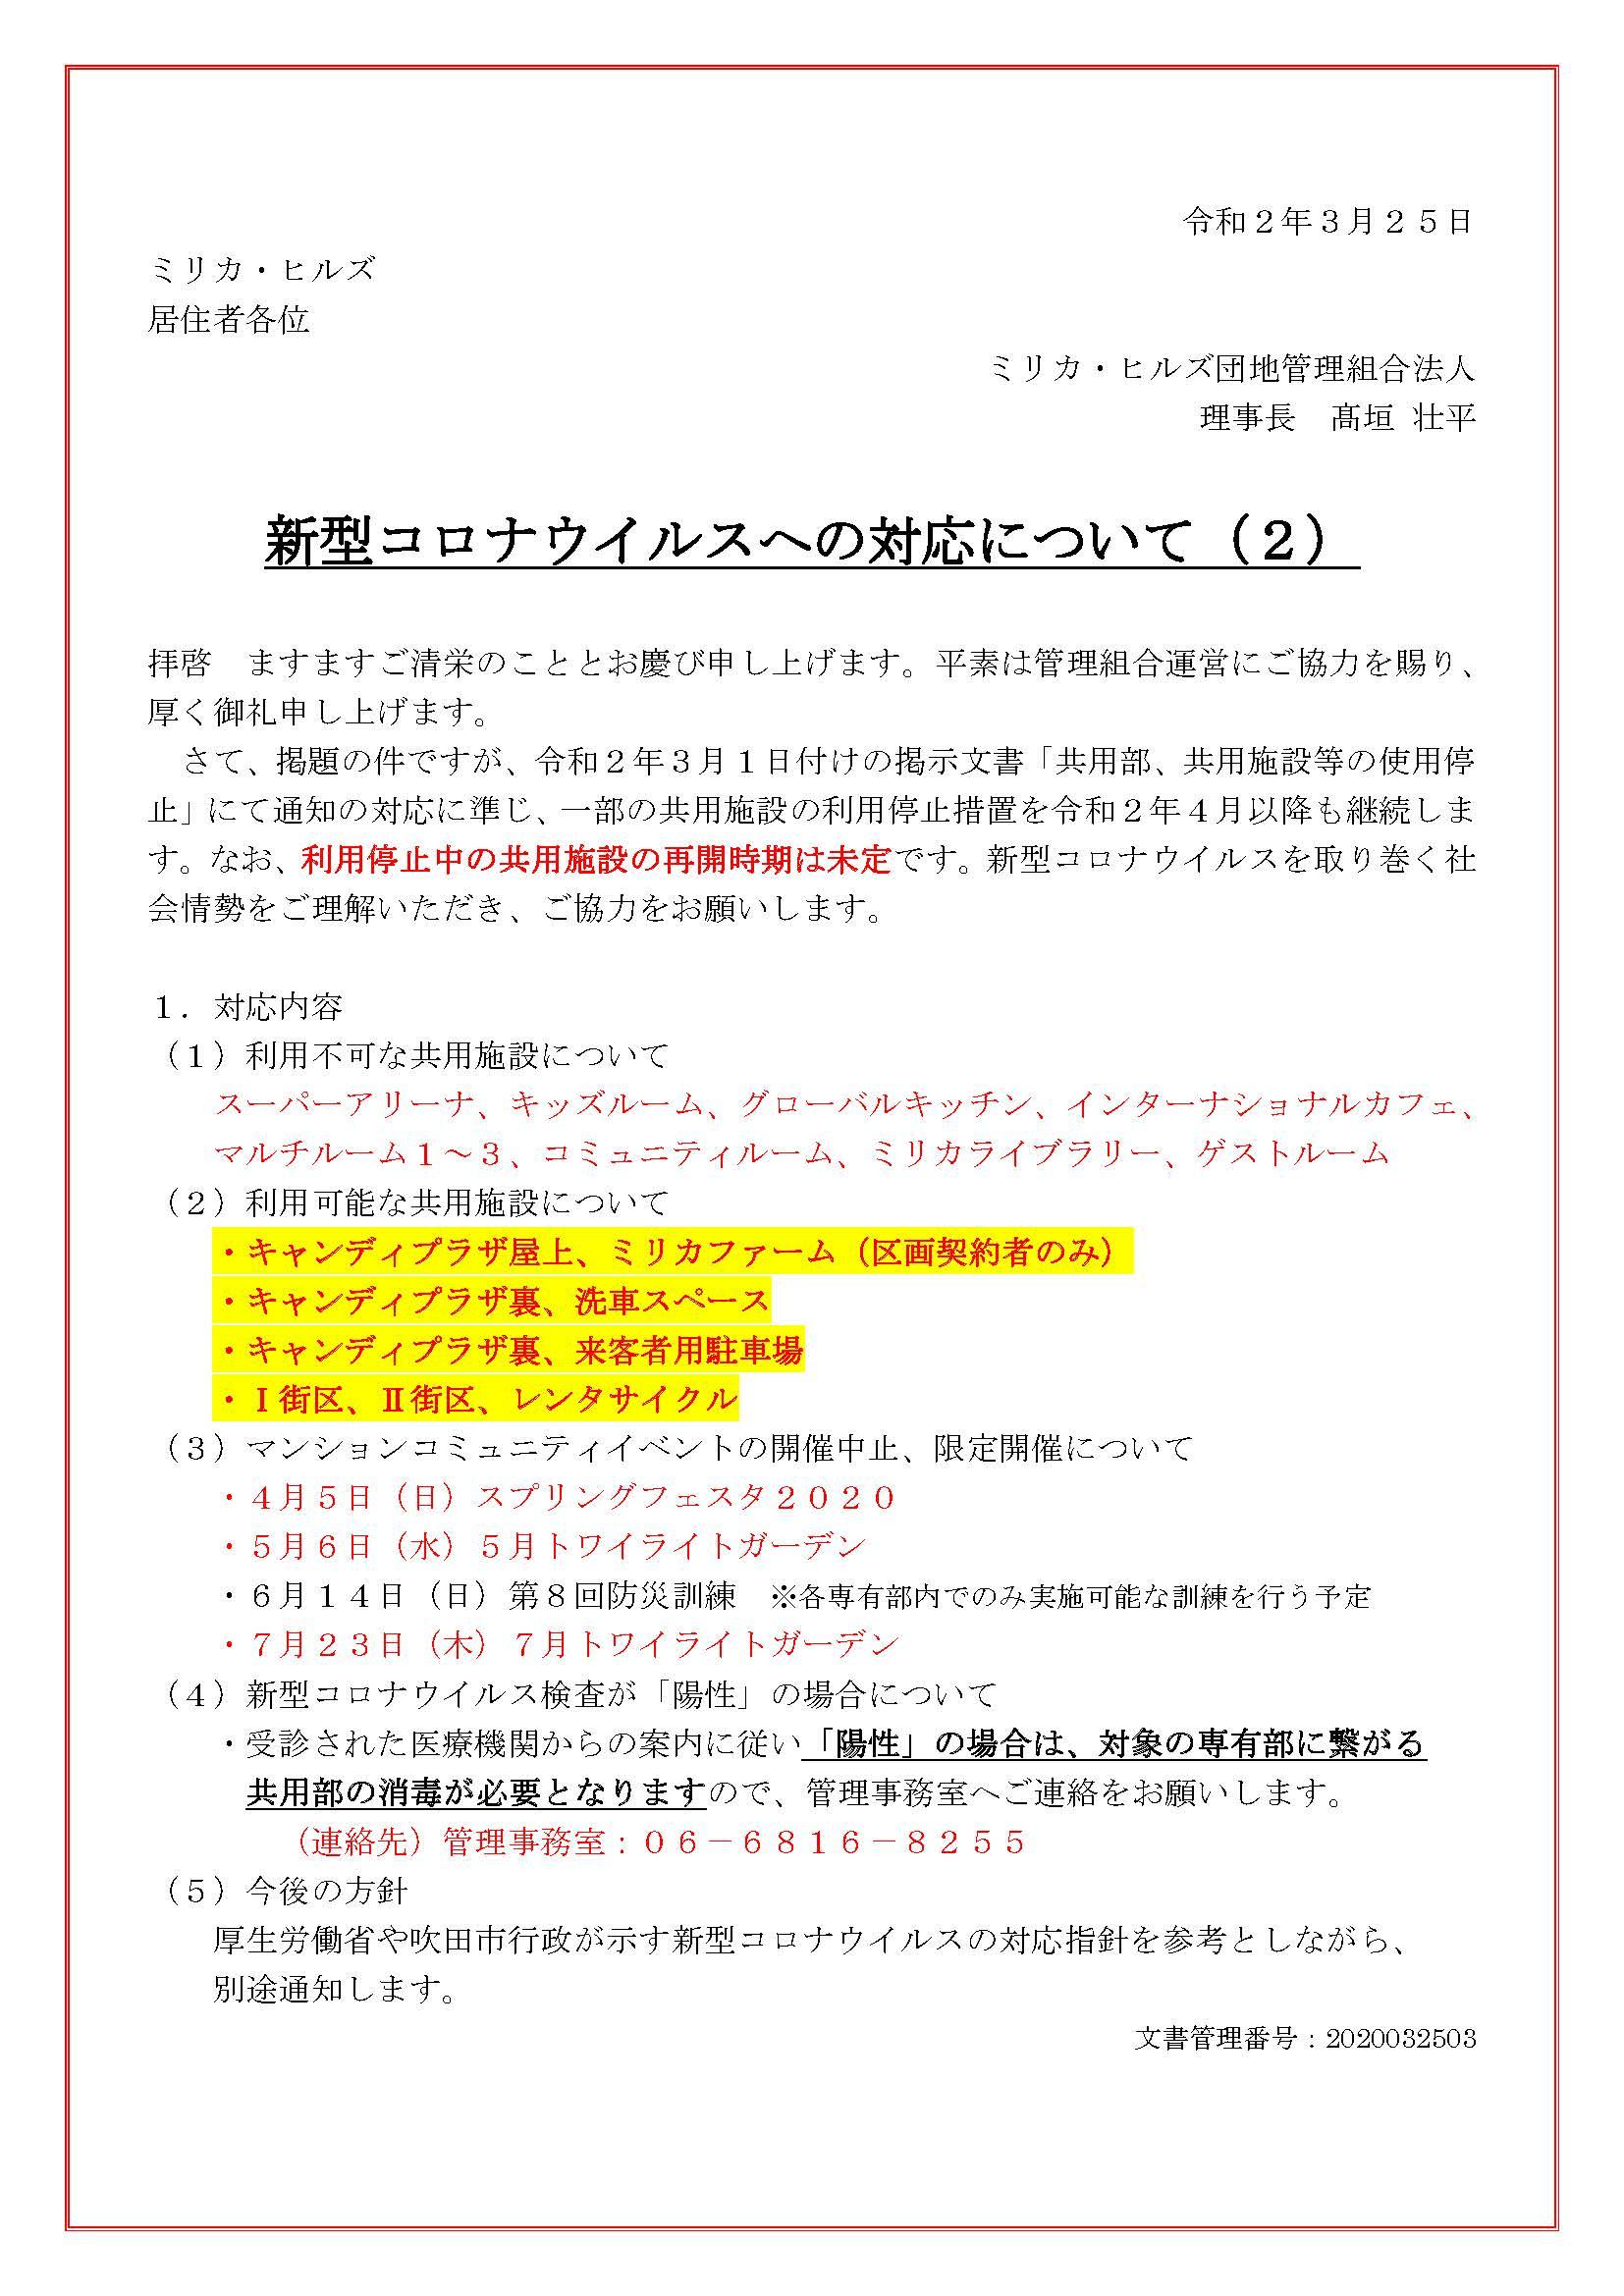 新型コロナウイルスへの対応に関するお知らせ(2)